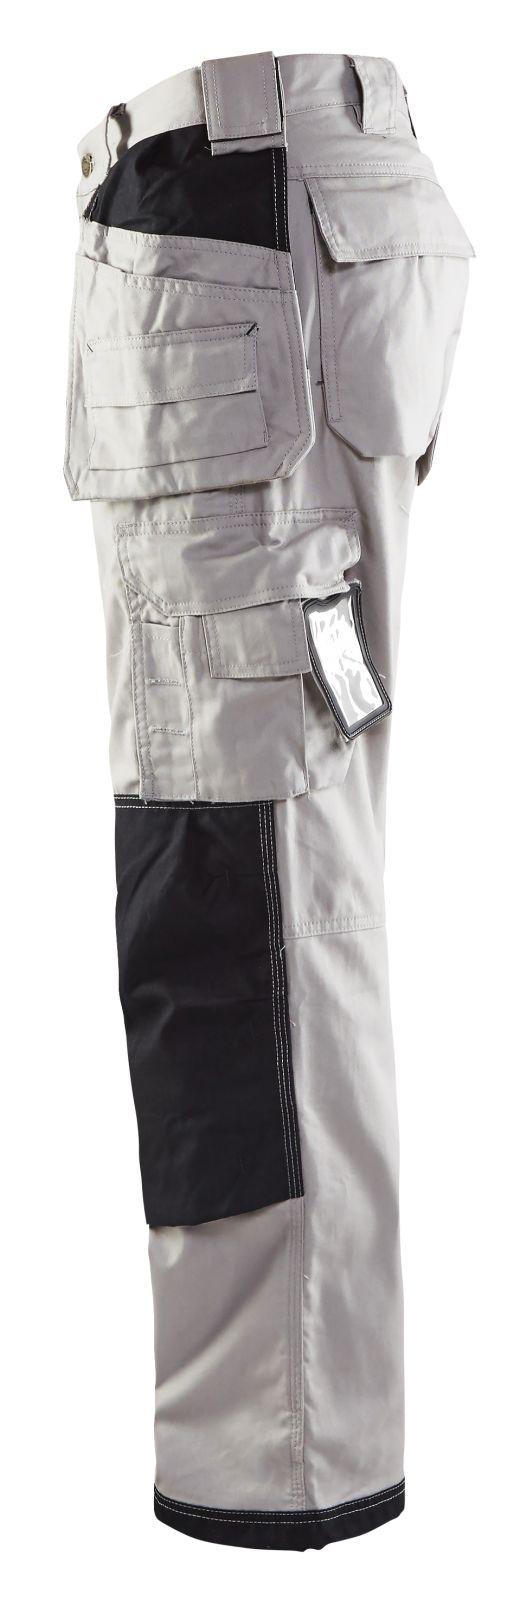 Blaklader Werkbroeken 19611146 licht grijs-zwart(9199)